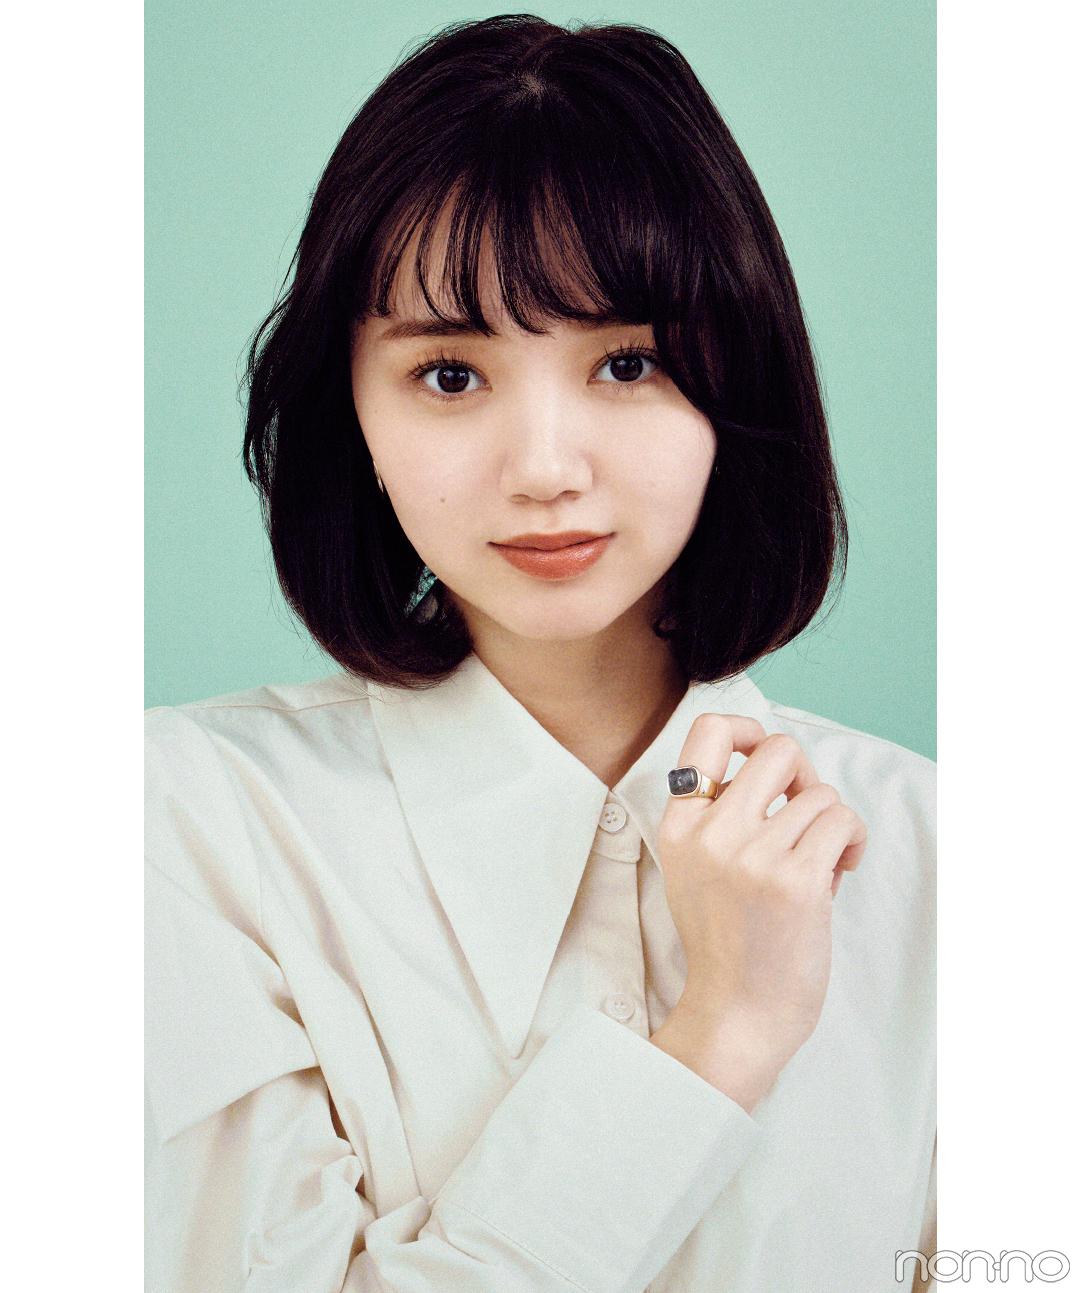 ストレートアイロンでサイドは非対称のアシメ内巻きヘアアレンジの江野沢愛美